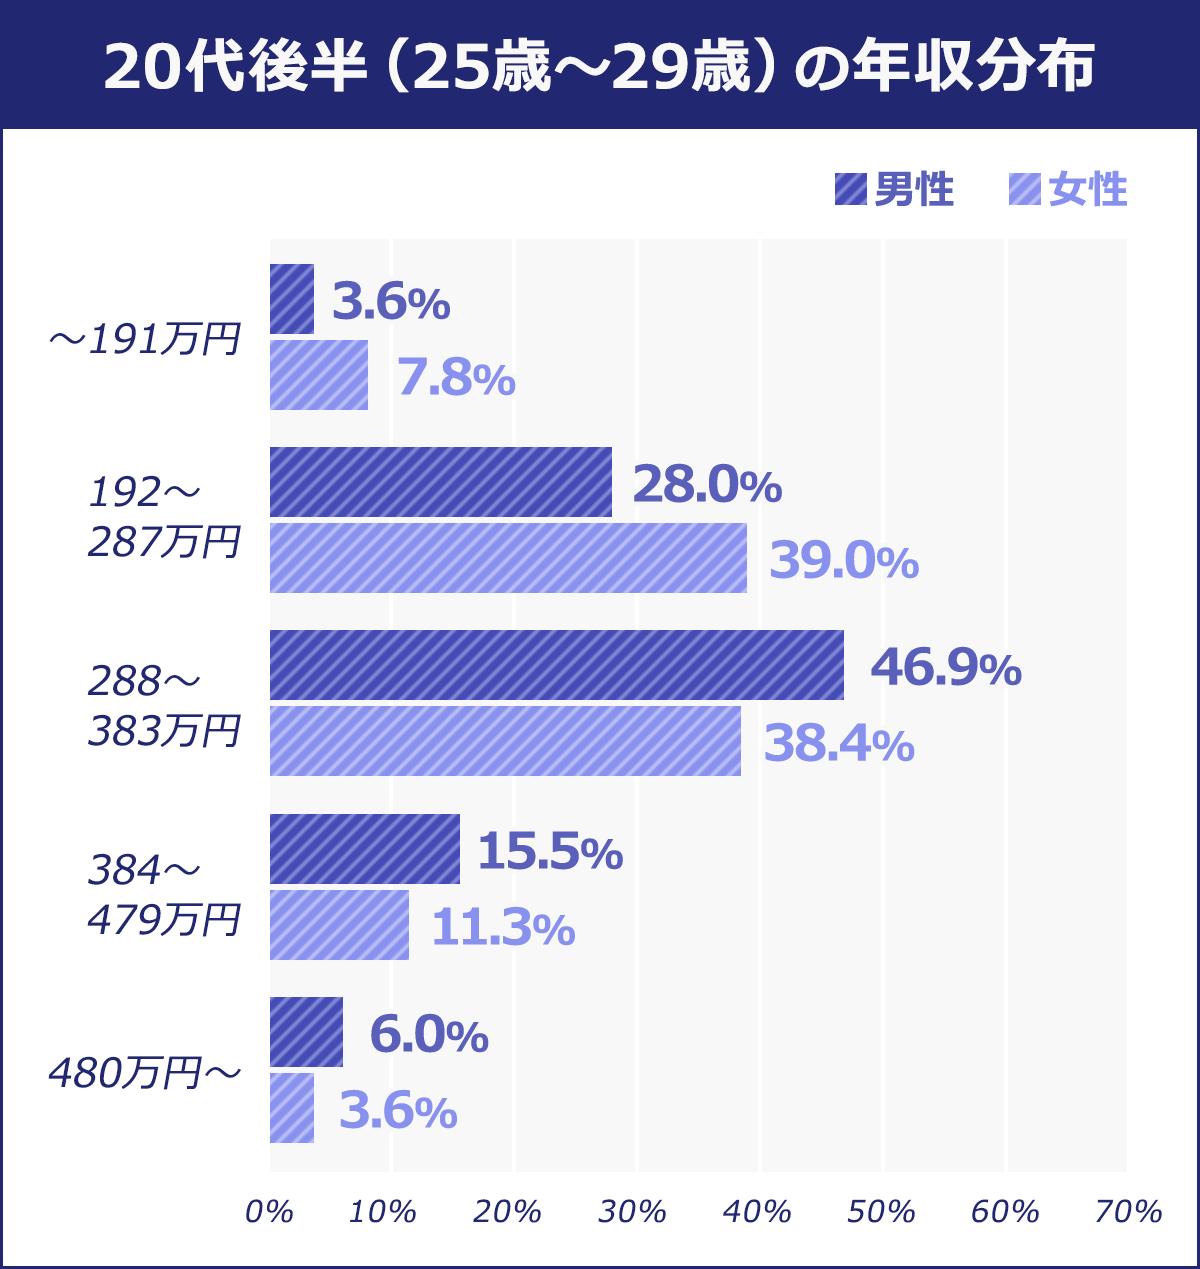 20代後半(25歳~29歳)~191万円:男性/3.6% 女性/7.8% 192~287万円:男性/28% 女性/39% 288~383万円:男性/46.9% 女性/38.4% 384~479万円:男性/15.5% 女性/11.3% 480万円~:男性/6.0% 女性/3.6%